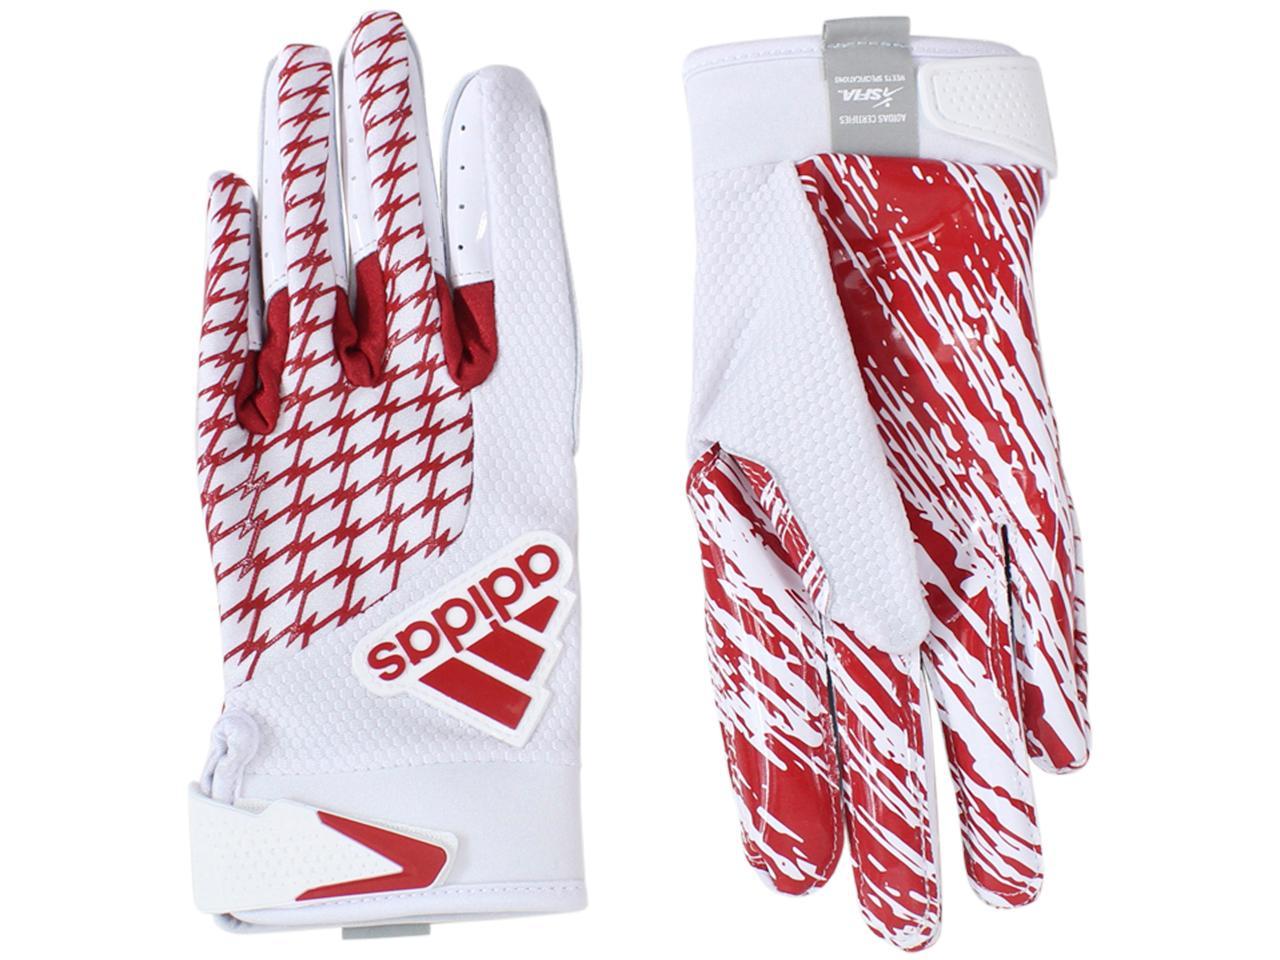 Adidas Men's adiFAST-2.0 Football Gloves